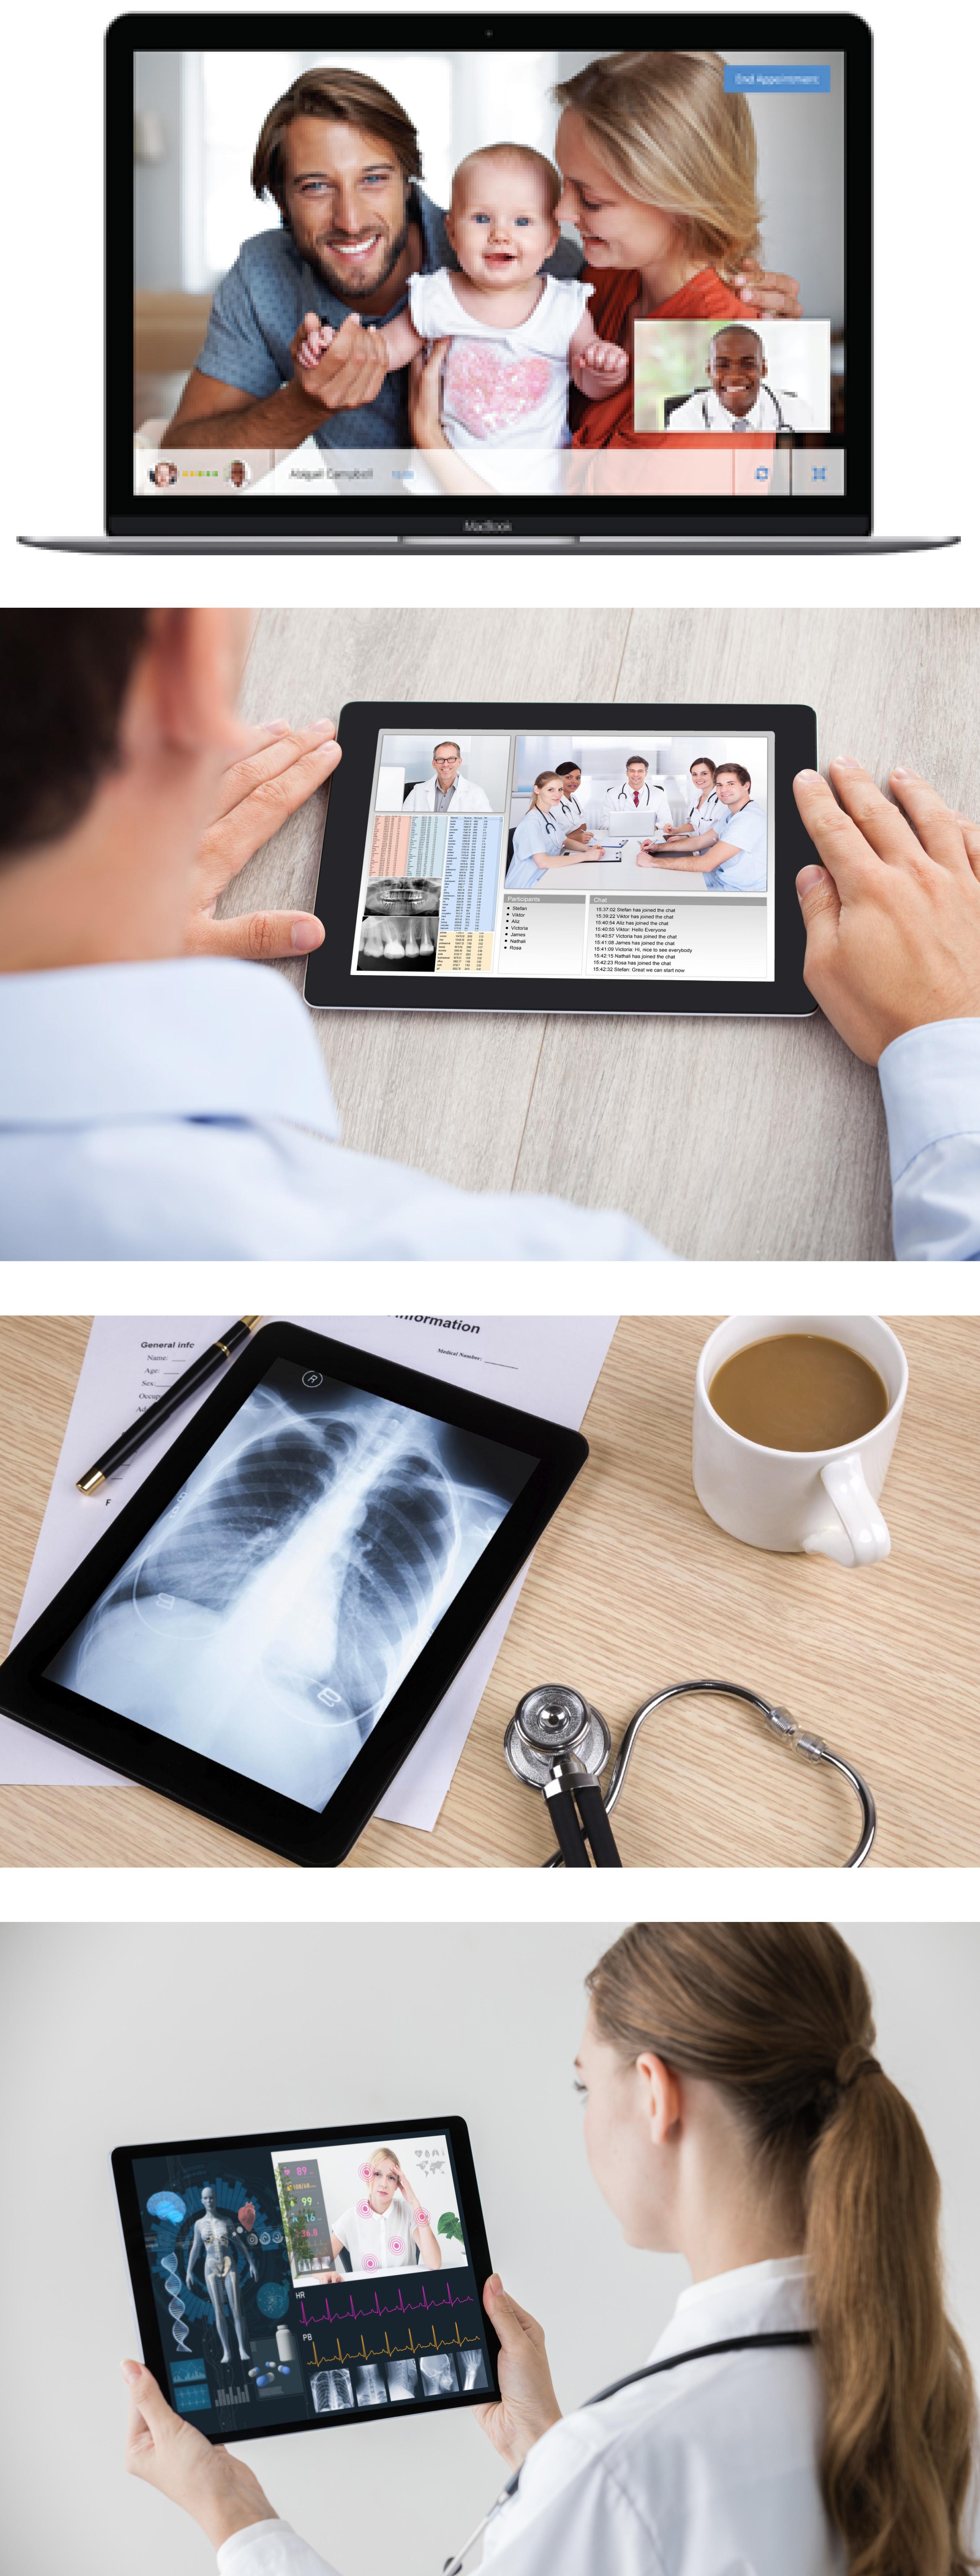 Des outils de communication adaptés au domaine de la santé et de la médecine